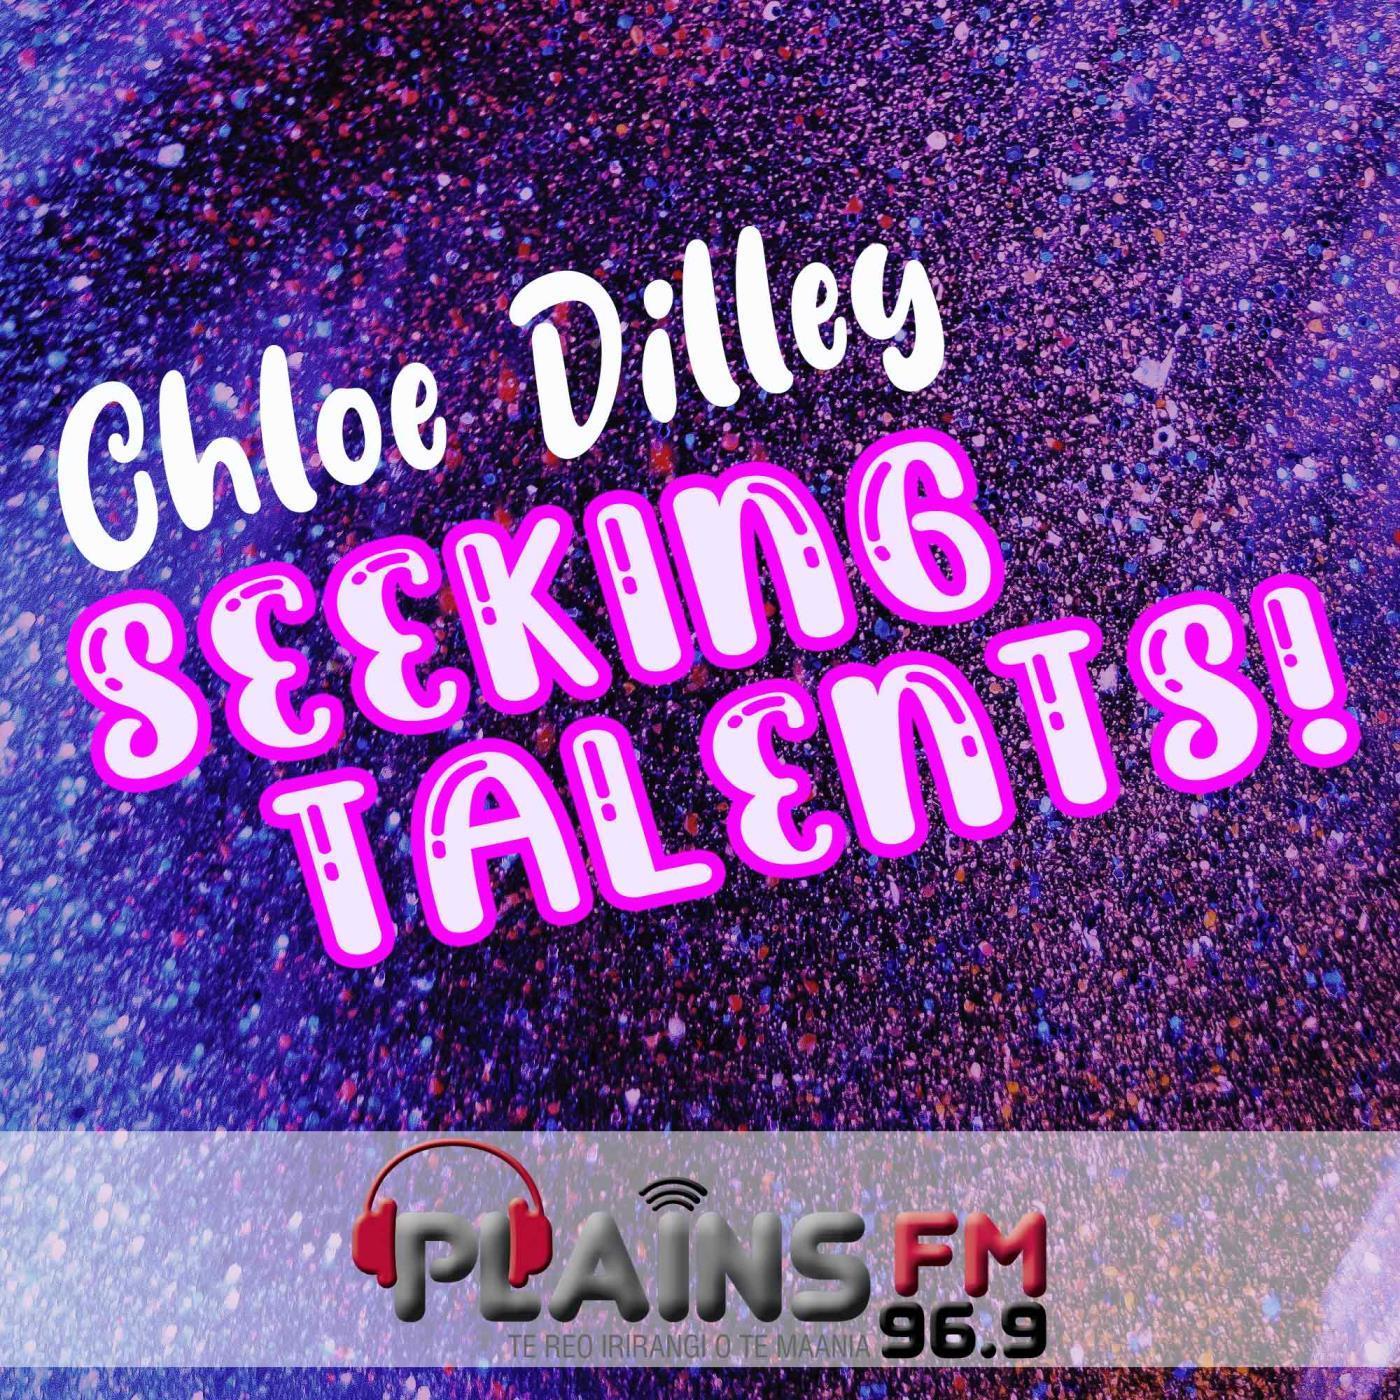 Chloe Dilley Seeking Talents!